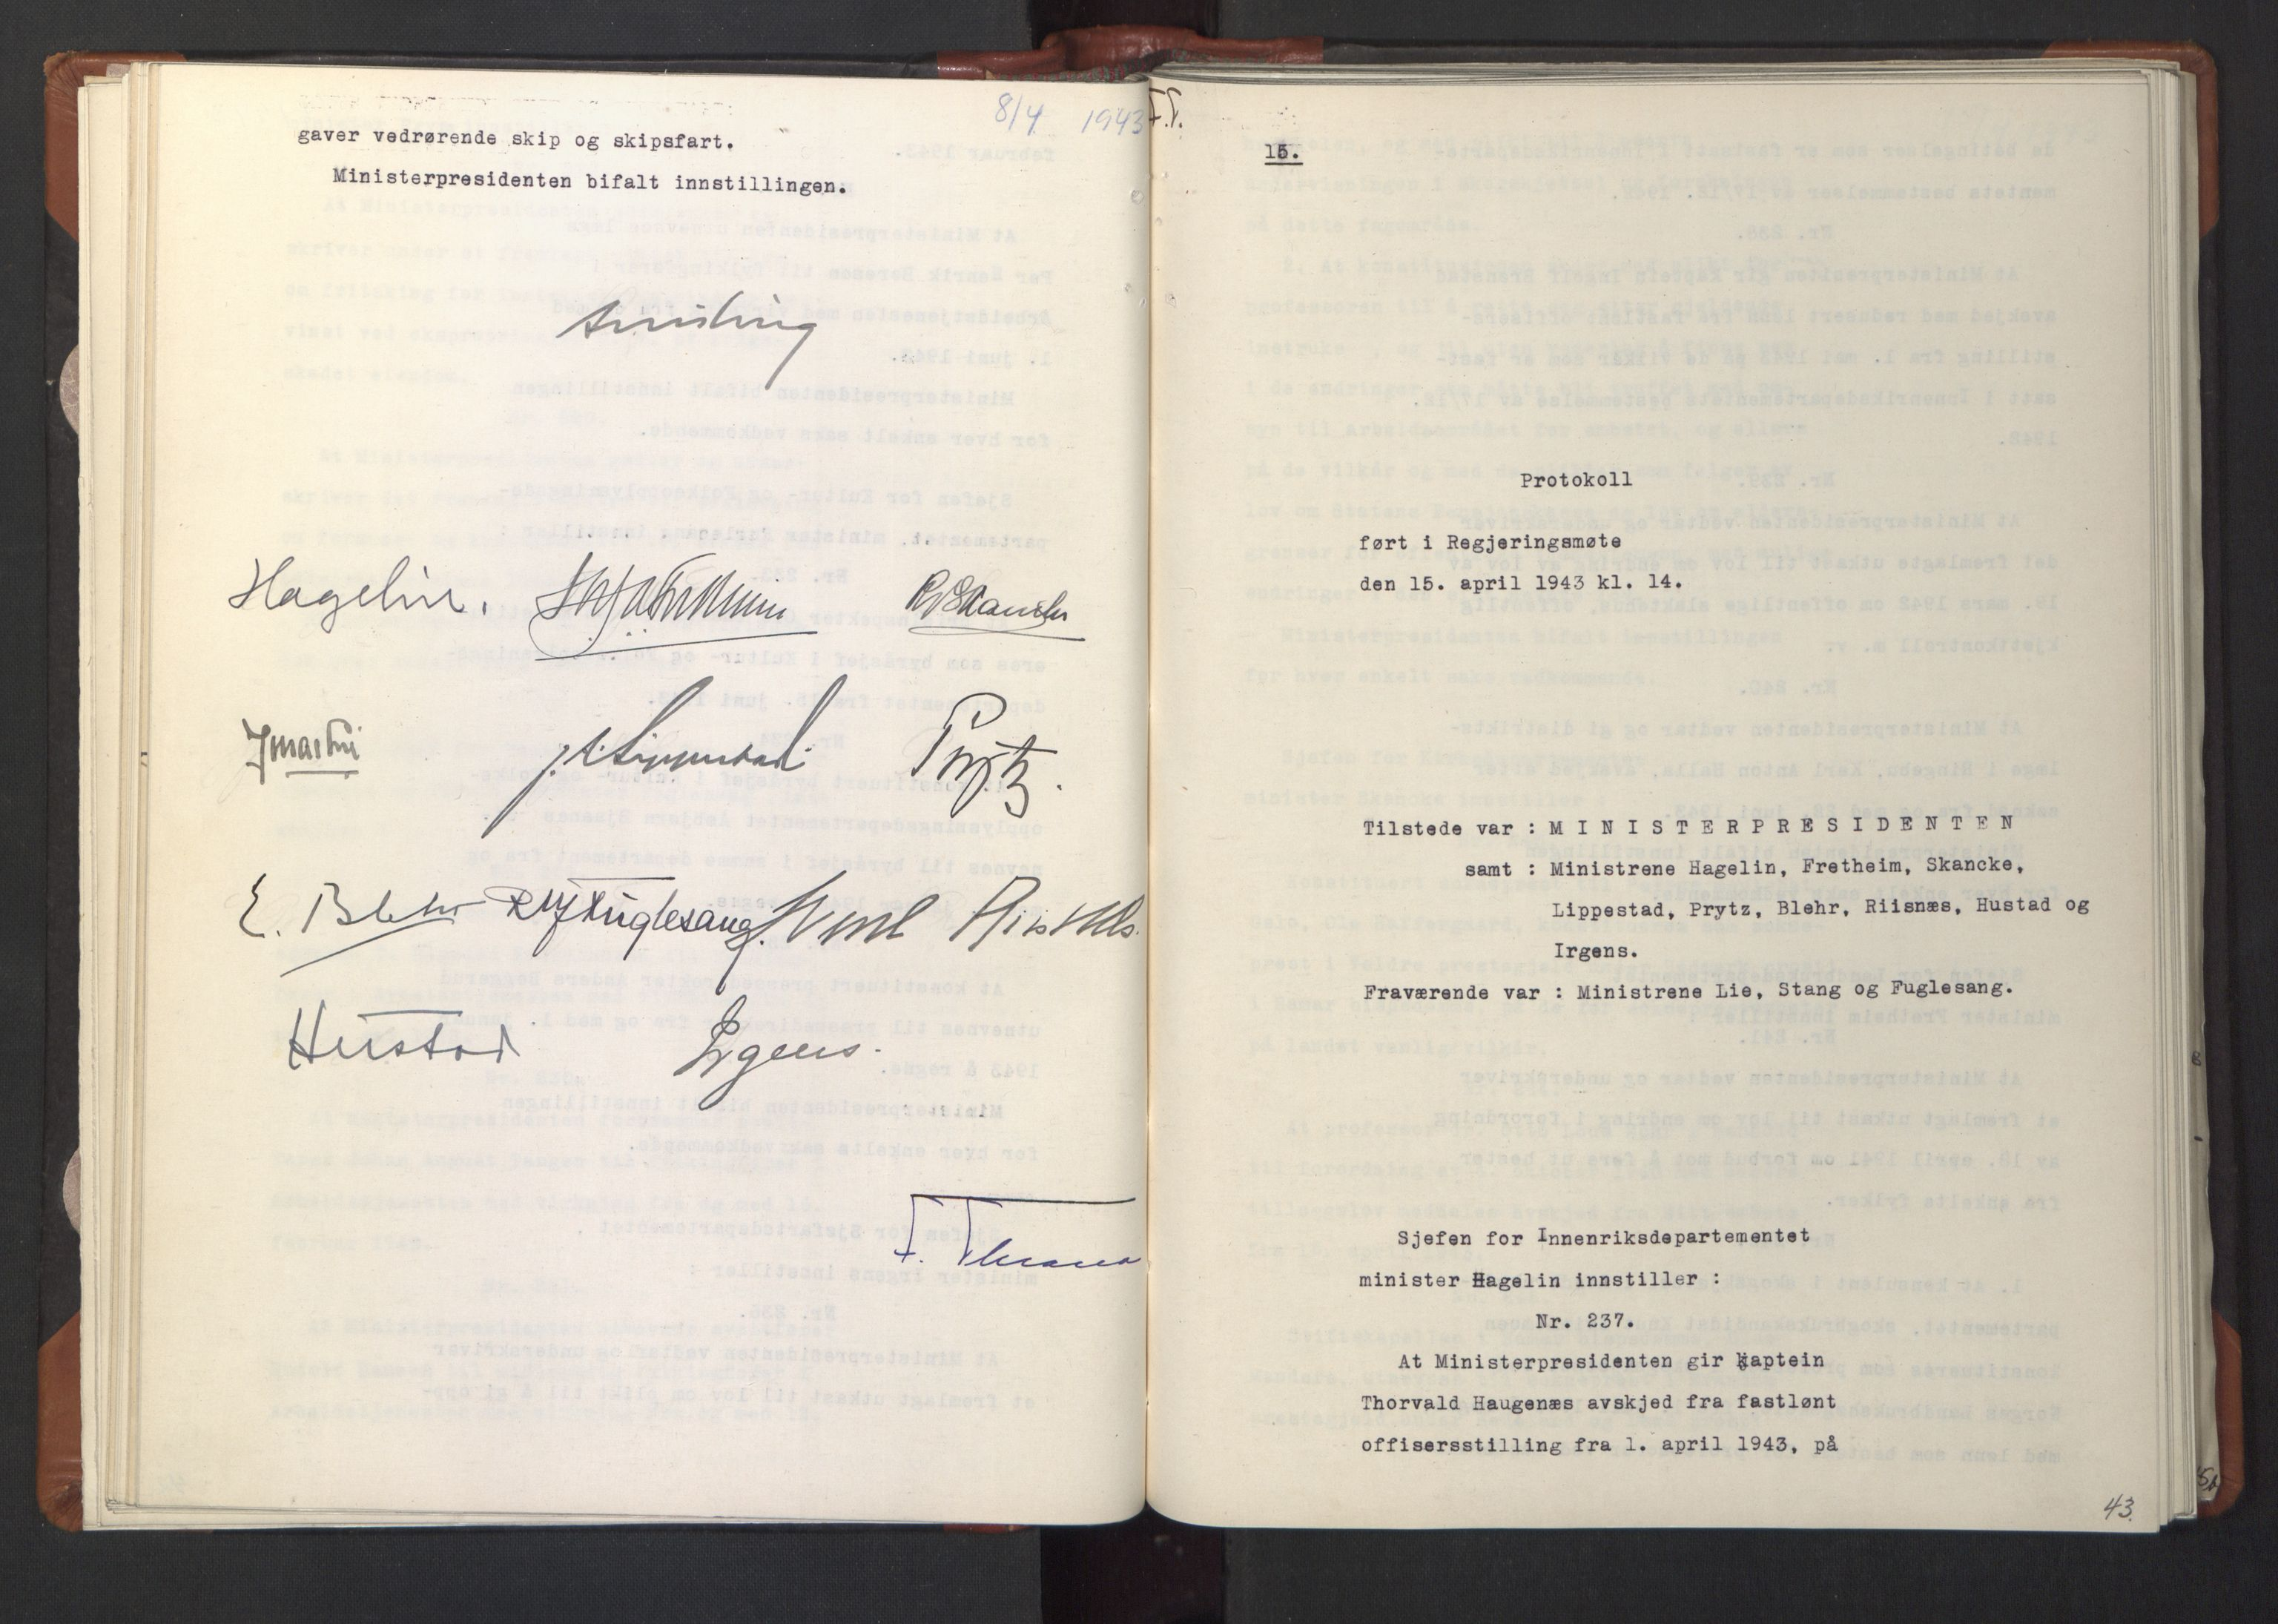 RA, NS-administrasjonen 1940-1945 (Statsrådsekretariatet, de kommisariske statsråder mm), D/Da/L0003: Vedtak (Beslutninger) nr. 1-746 og tillegg nr. 1-47 (RA. j.nr. 1394/1944, tilgangsnr. 8/1944, 1943, s. 42b-43a